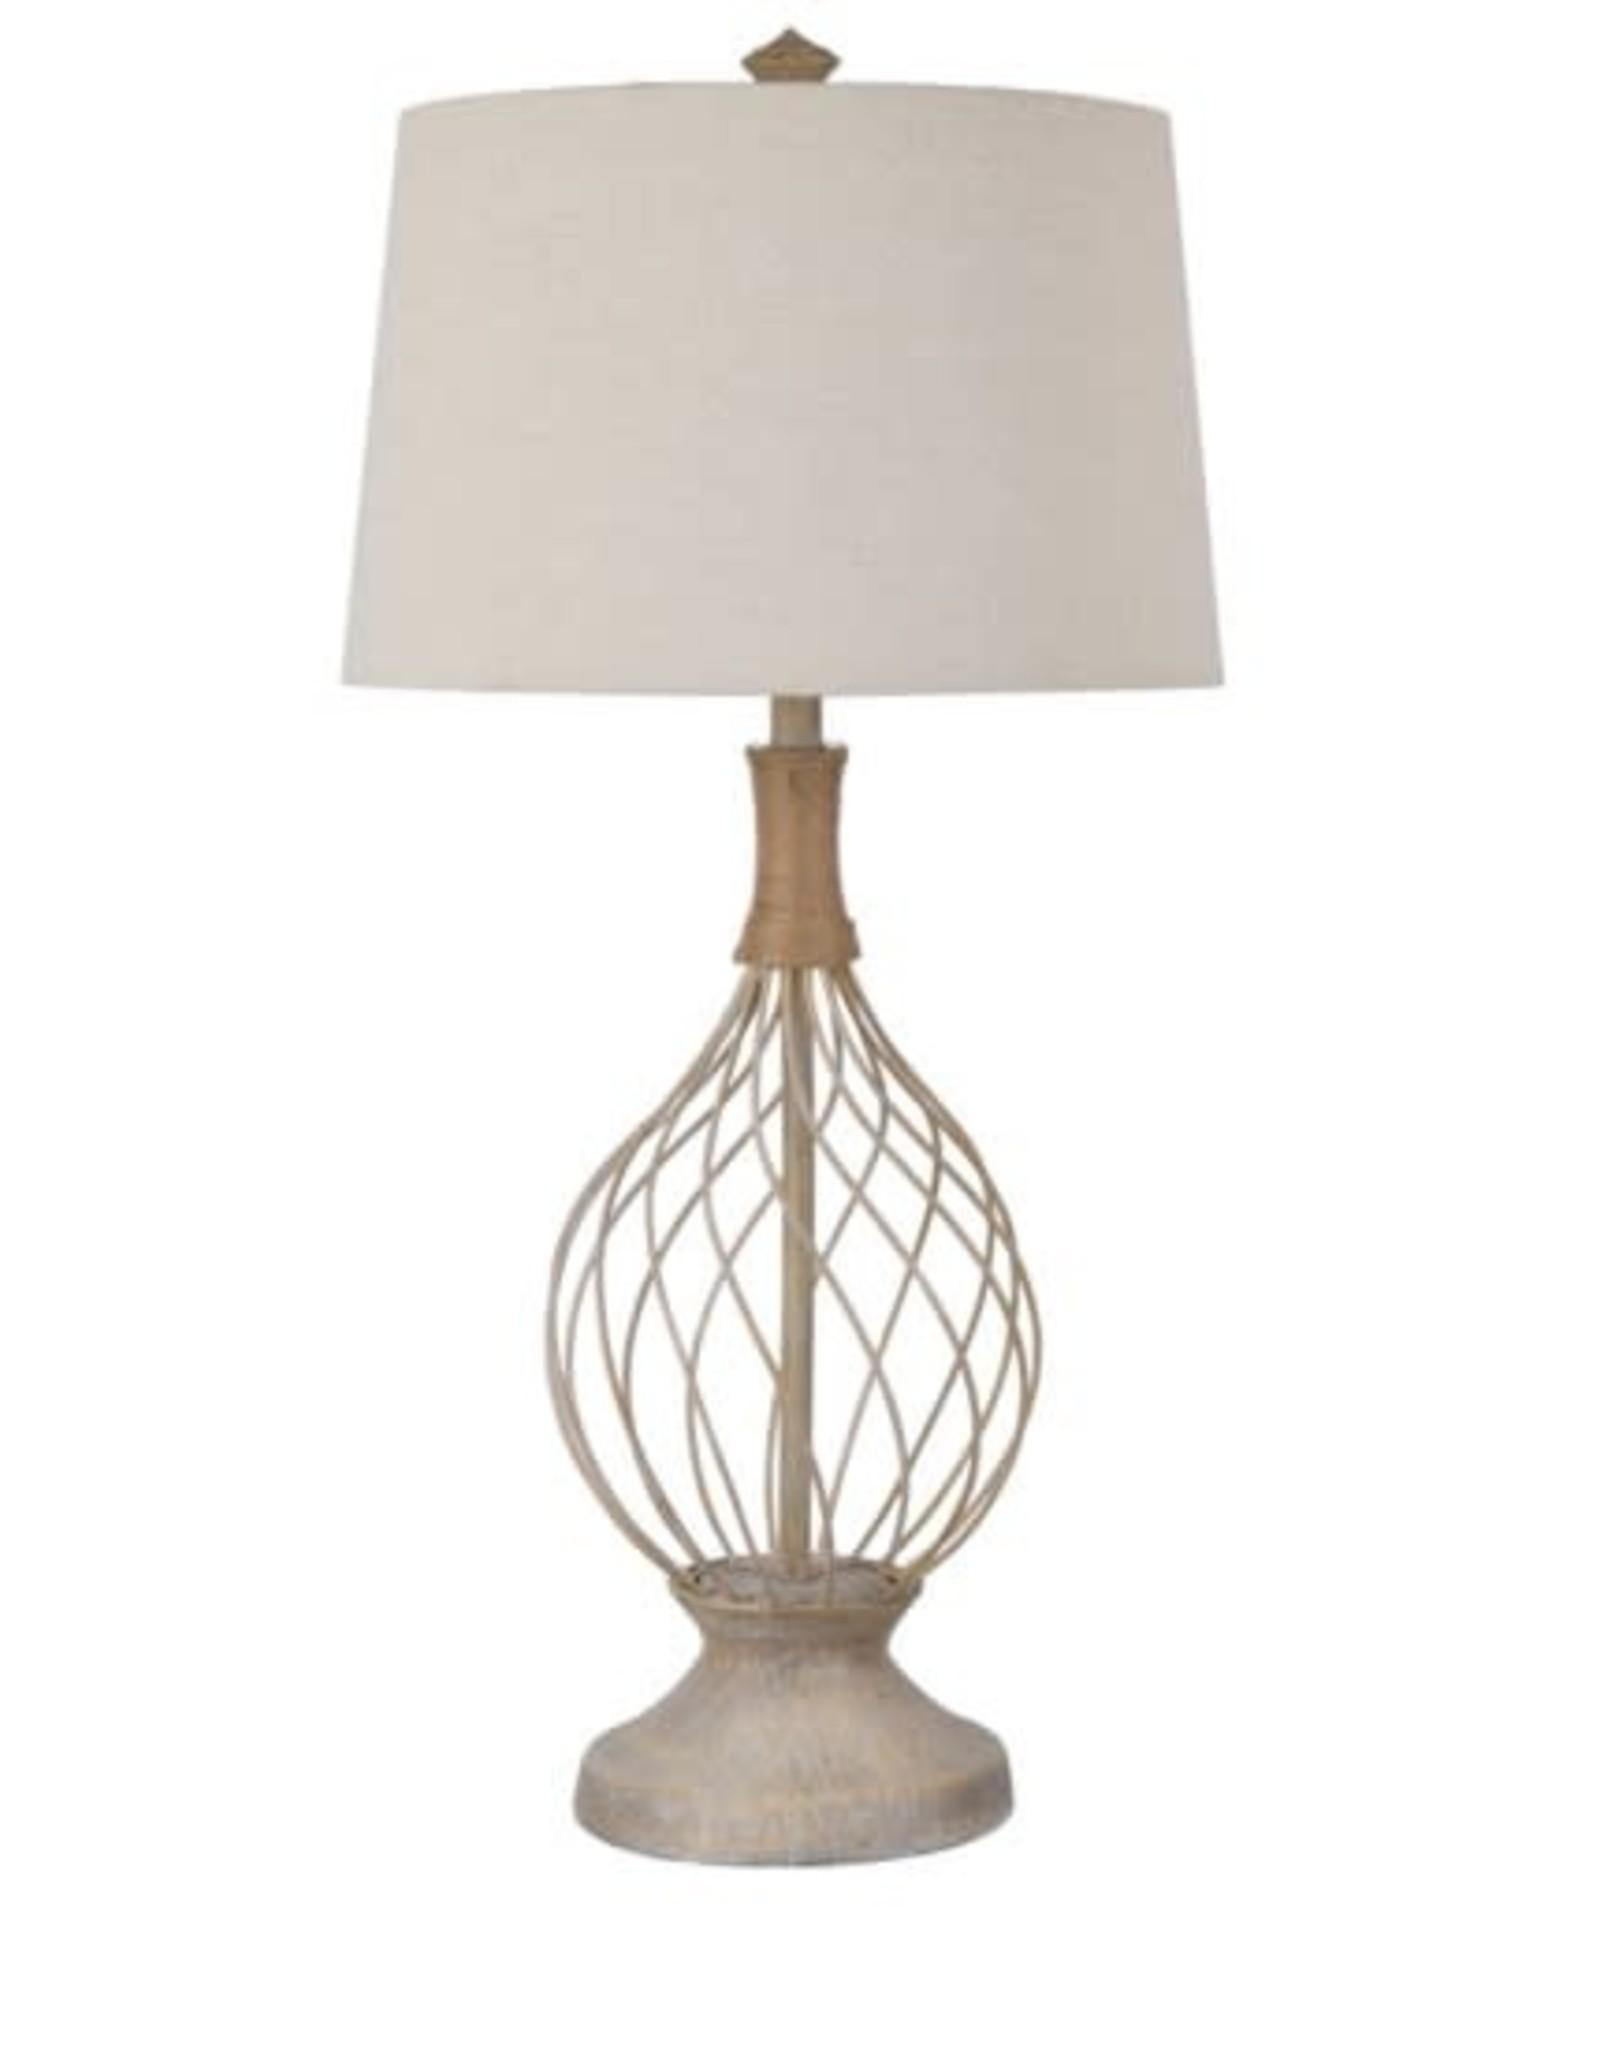 Crestview Belle Rive Jute & Wire Teardrop Lamp